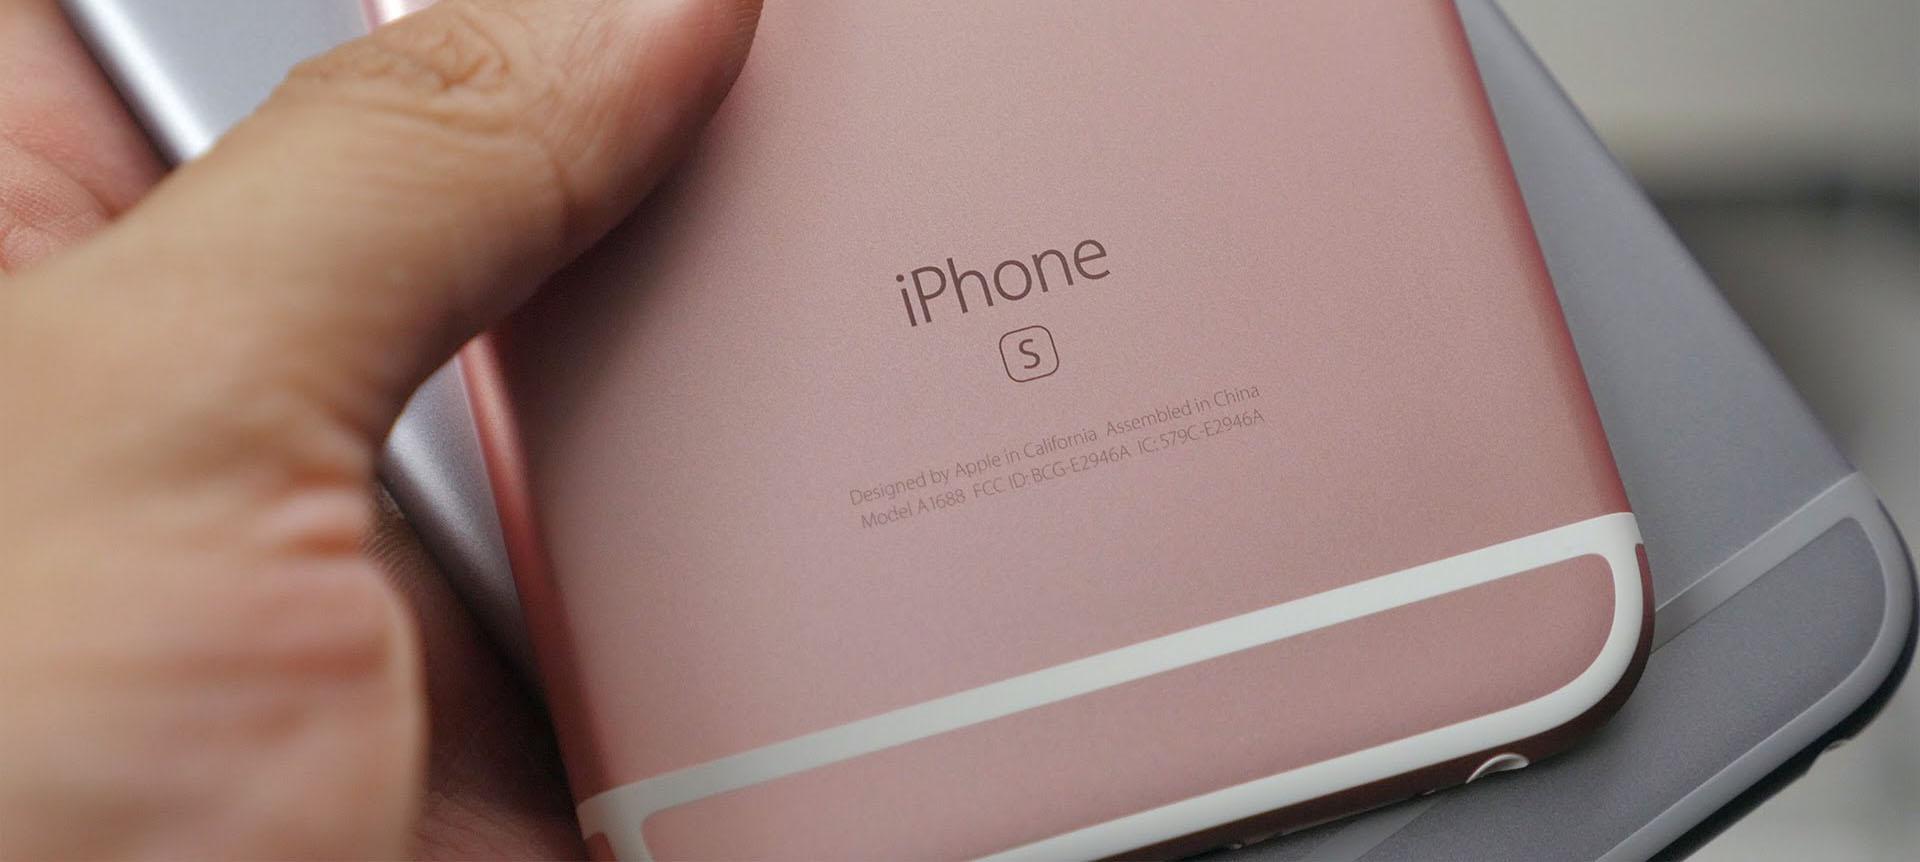 Thủ thuật tăng bộ nhớ trống trên iPhone trong 3 phút